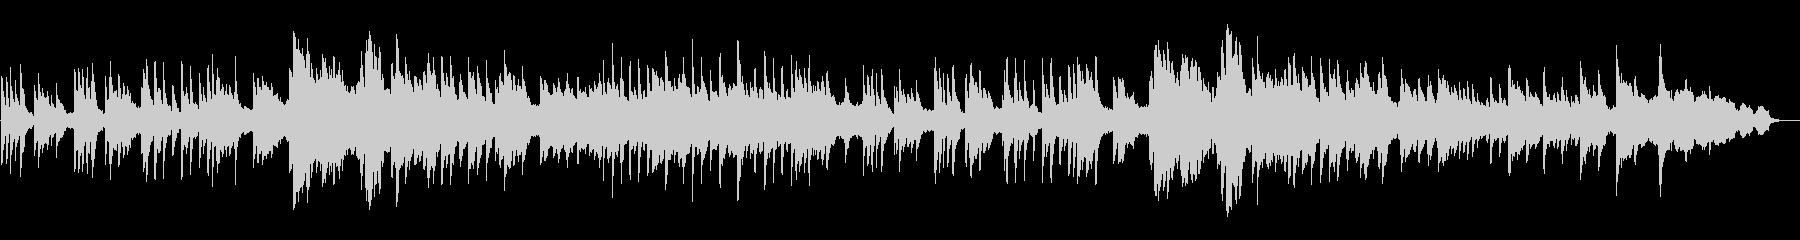 ノスタルジックで切ないピアノソロバラードの未再生の波形